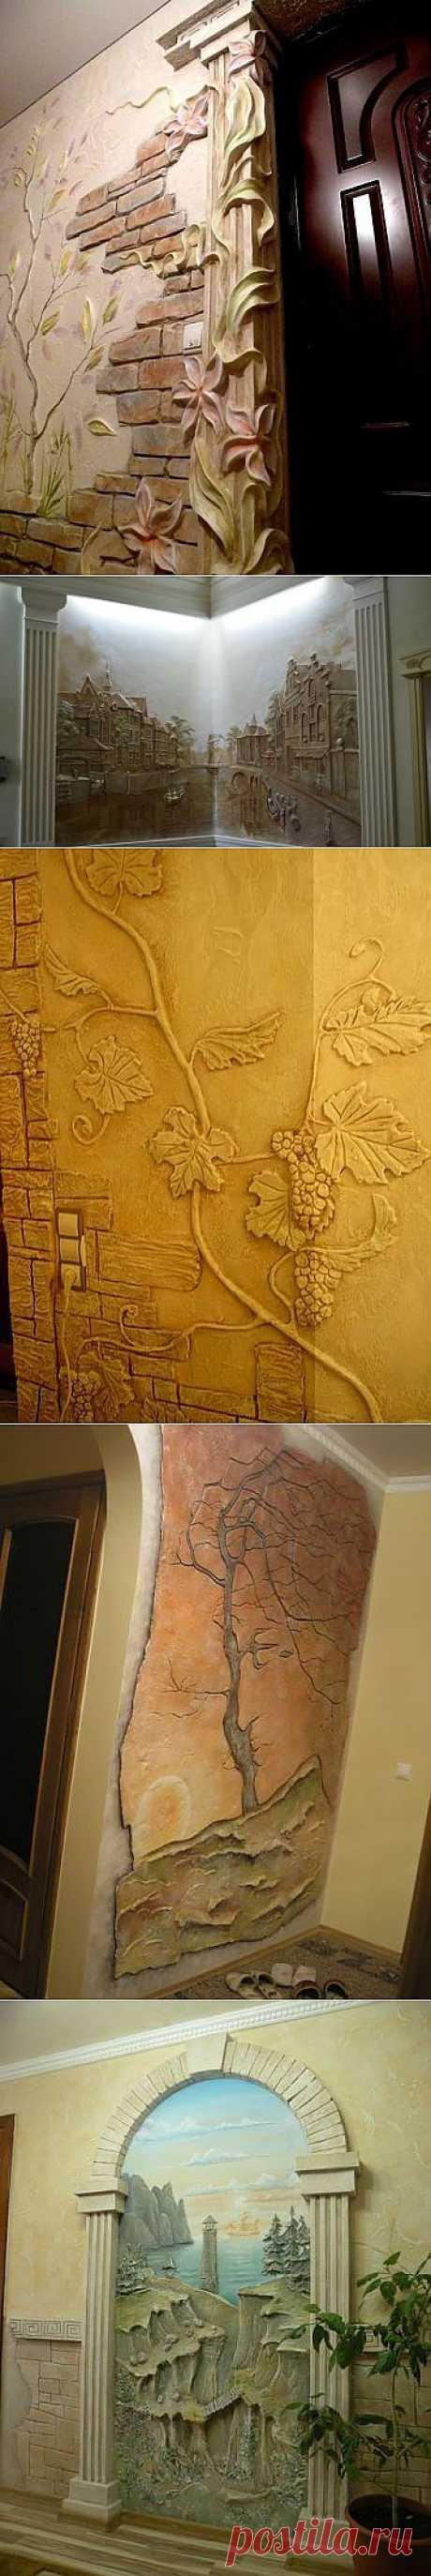 Потрясающие художественные идеи в отделке стен / Всё самое лучшее из интернета